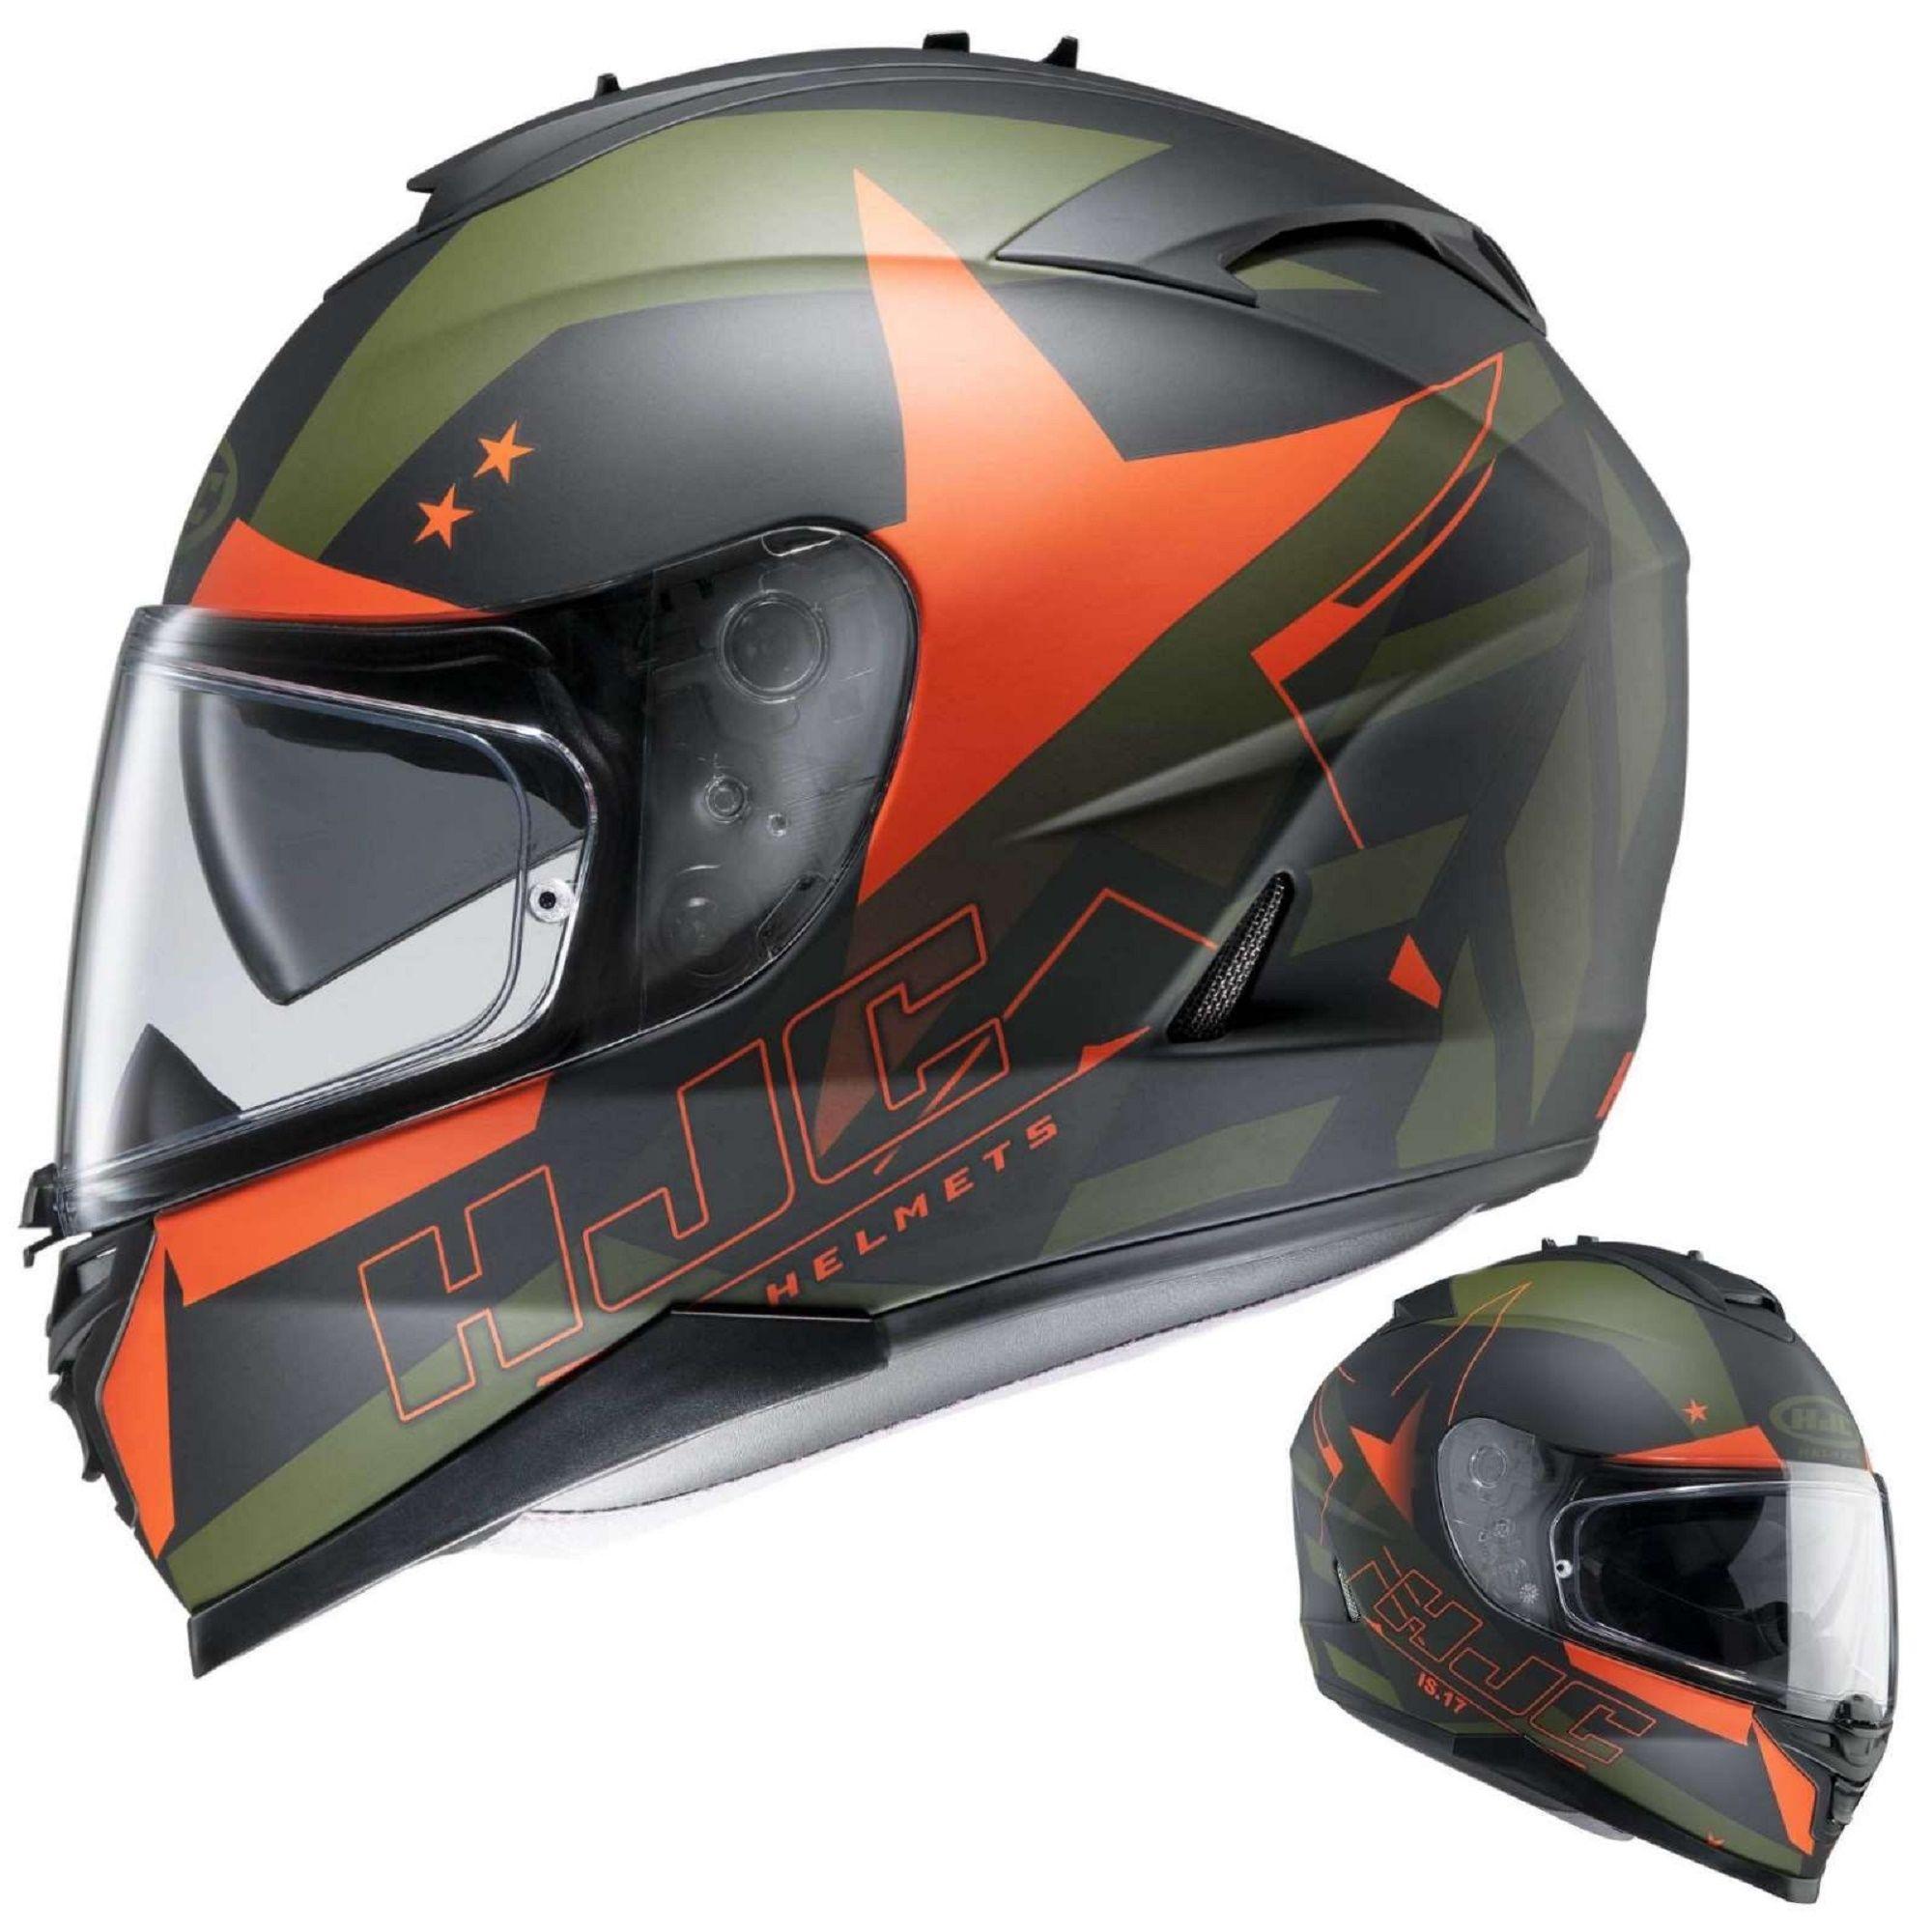 HJC IS-17 (Armada / MC7F) Helmet - €239.90 (£186.82